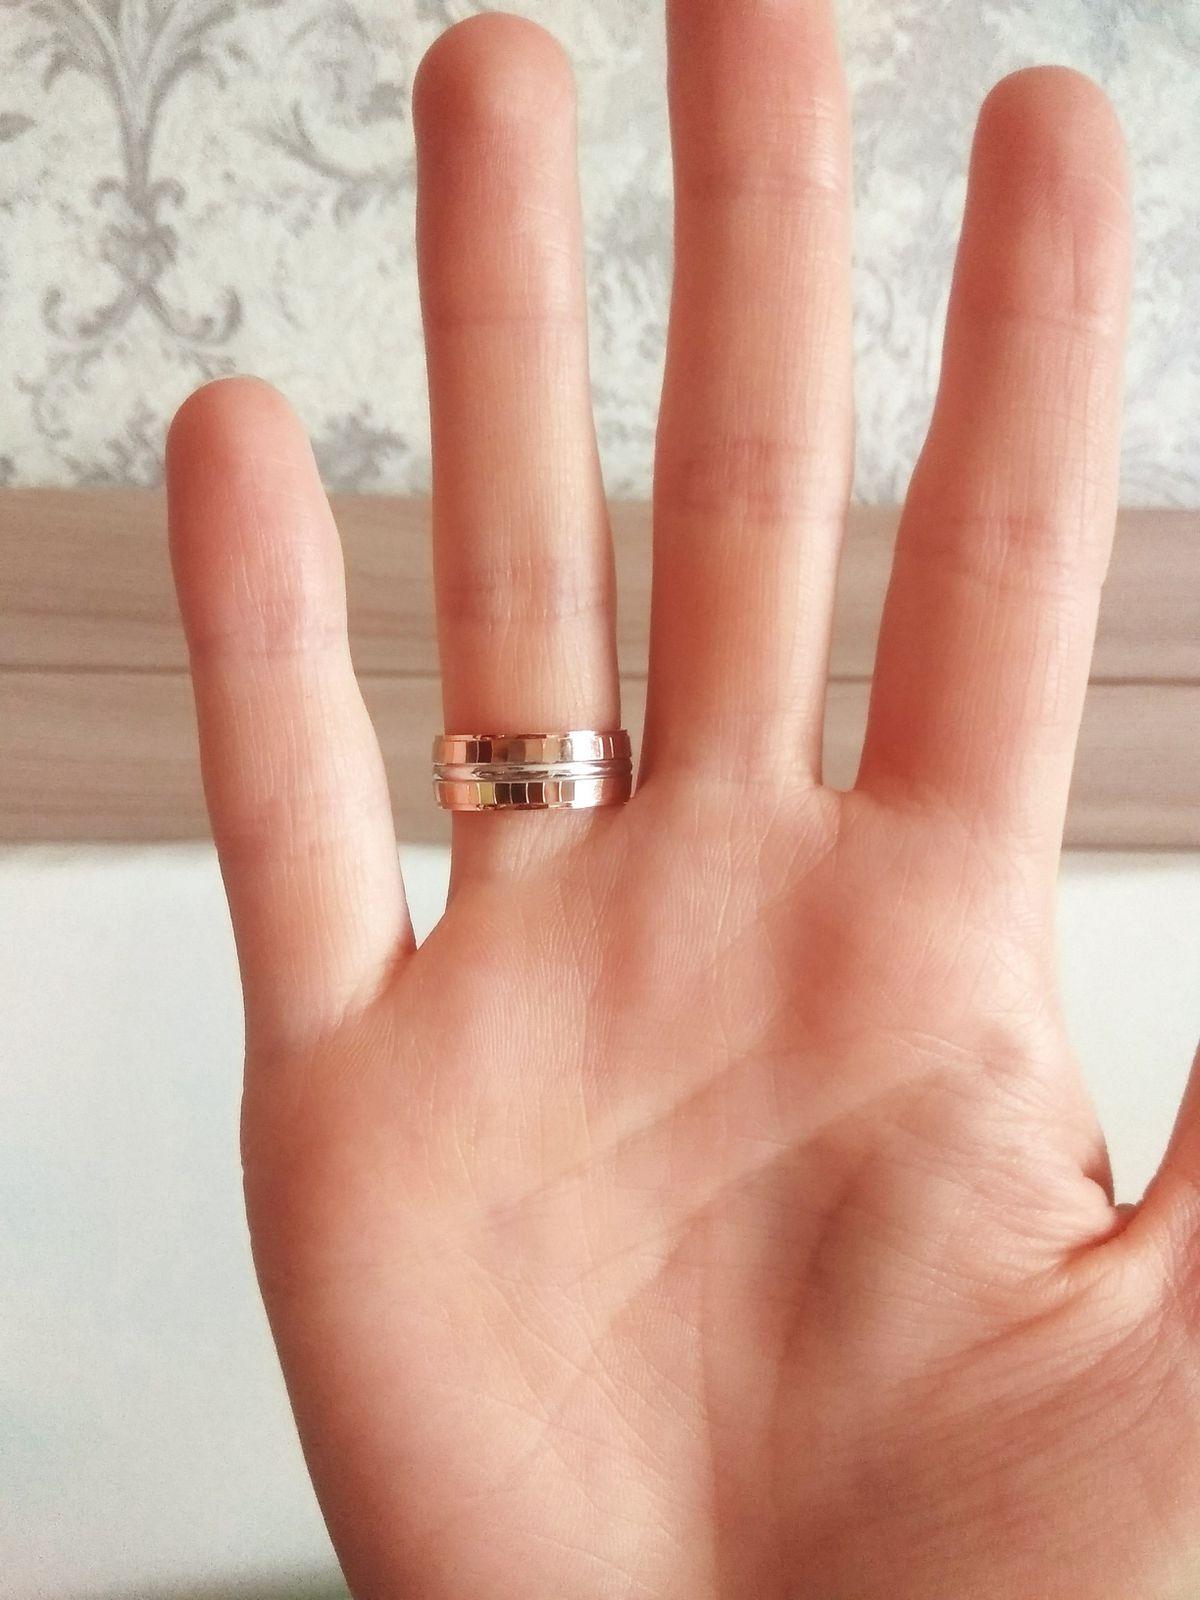 Красивое обручальное кольцо, на которое стоит обратить внимание